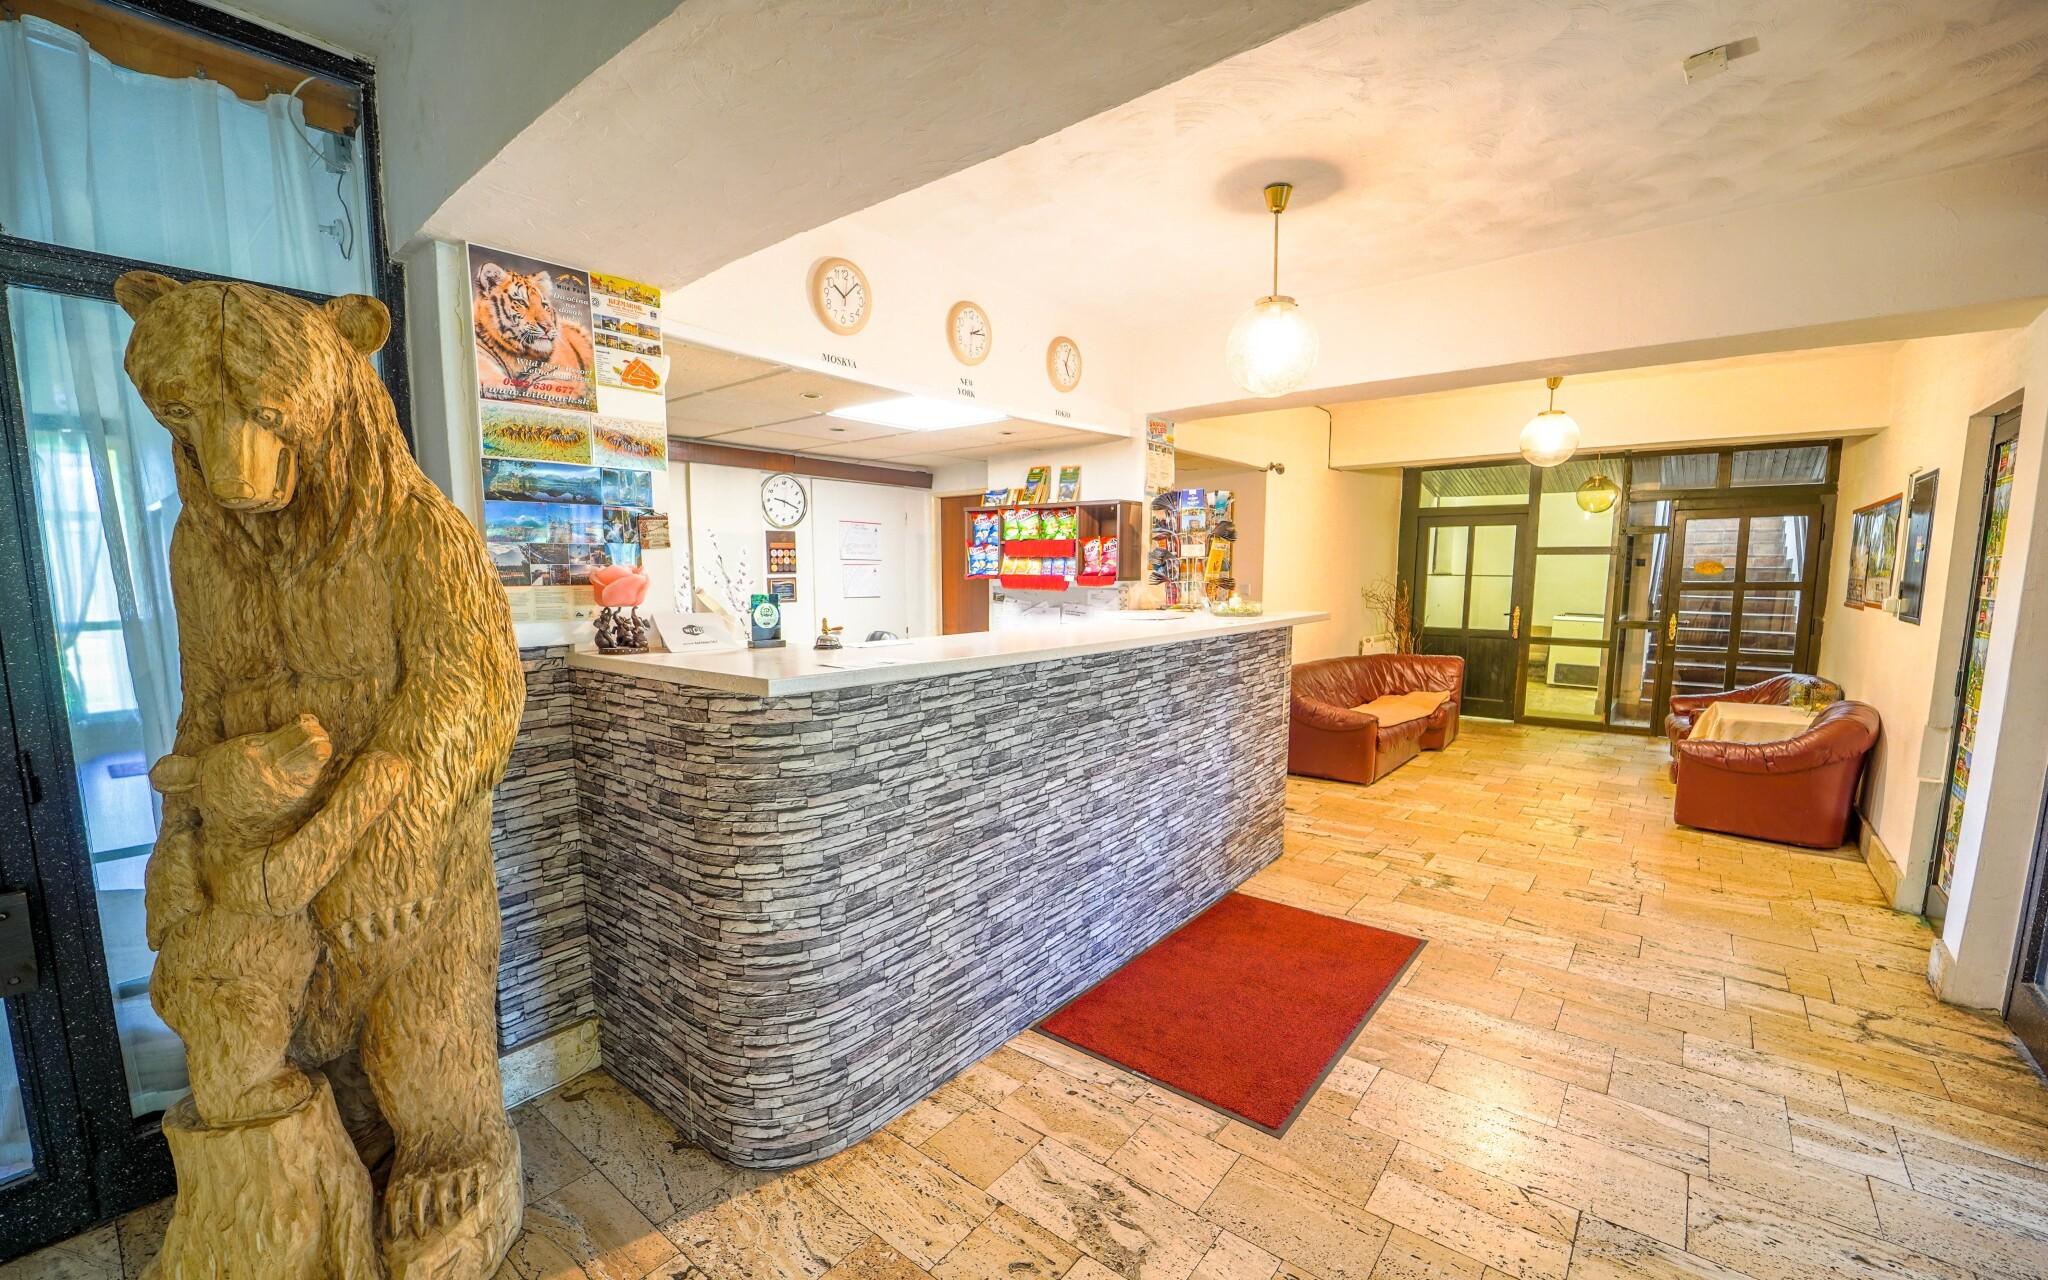 Recepce Hotelu Tatranec, Vysoké Tatry